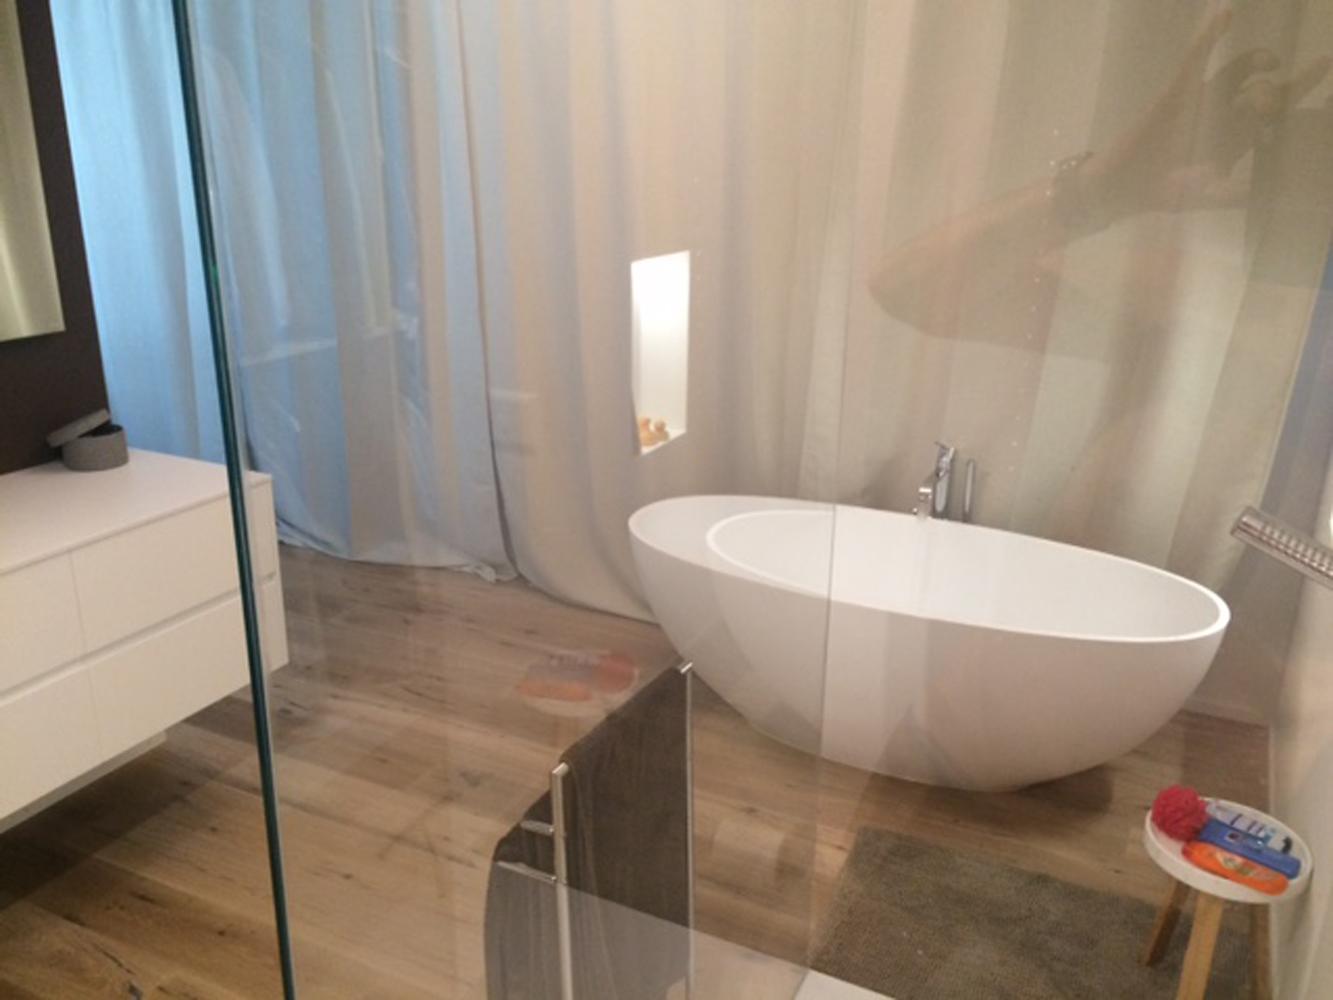 badewanne • bilder & ideen • couchstyle, Badezimmer ideen